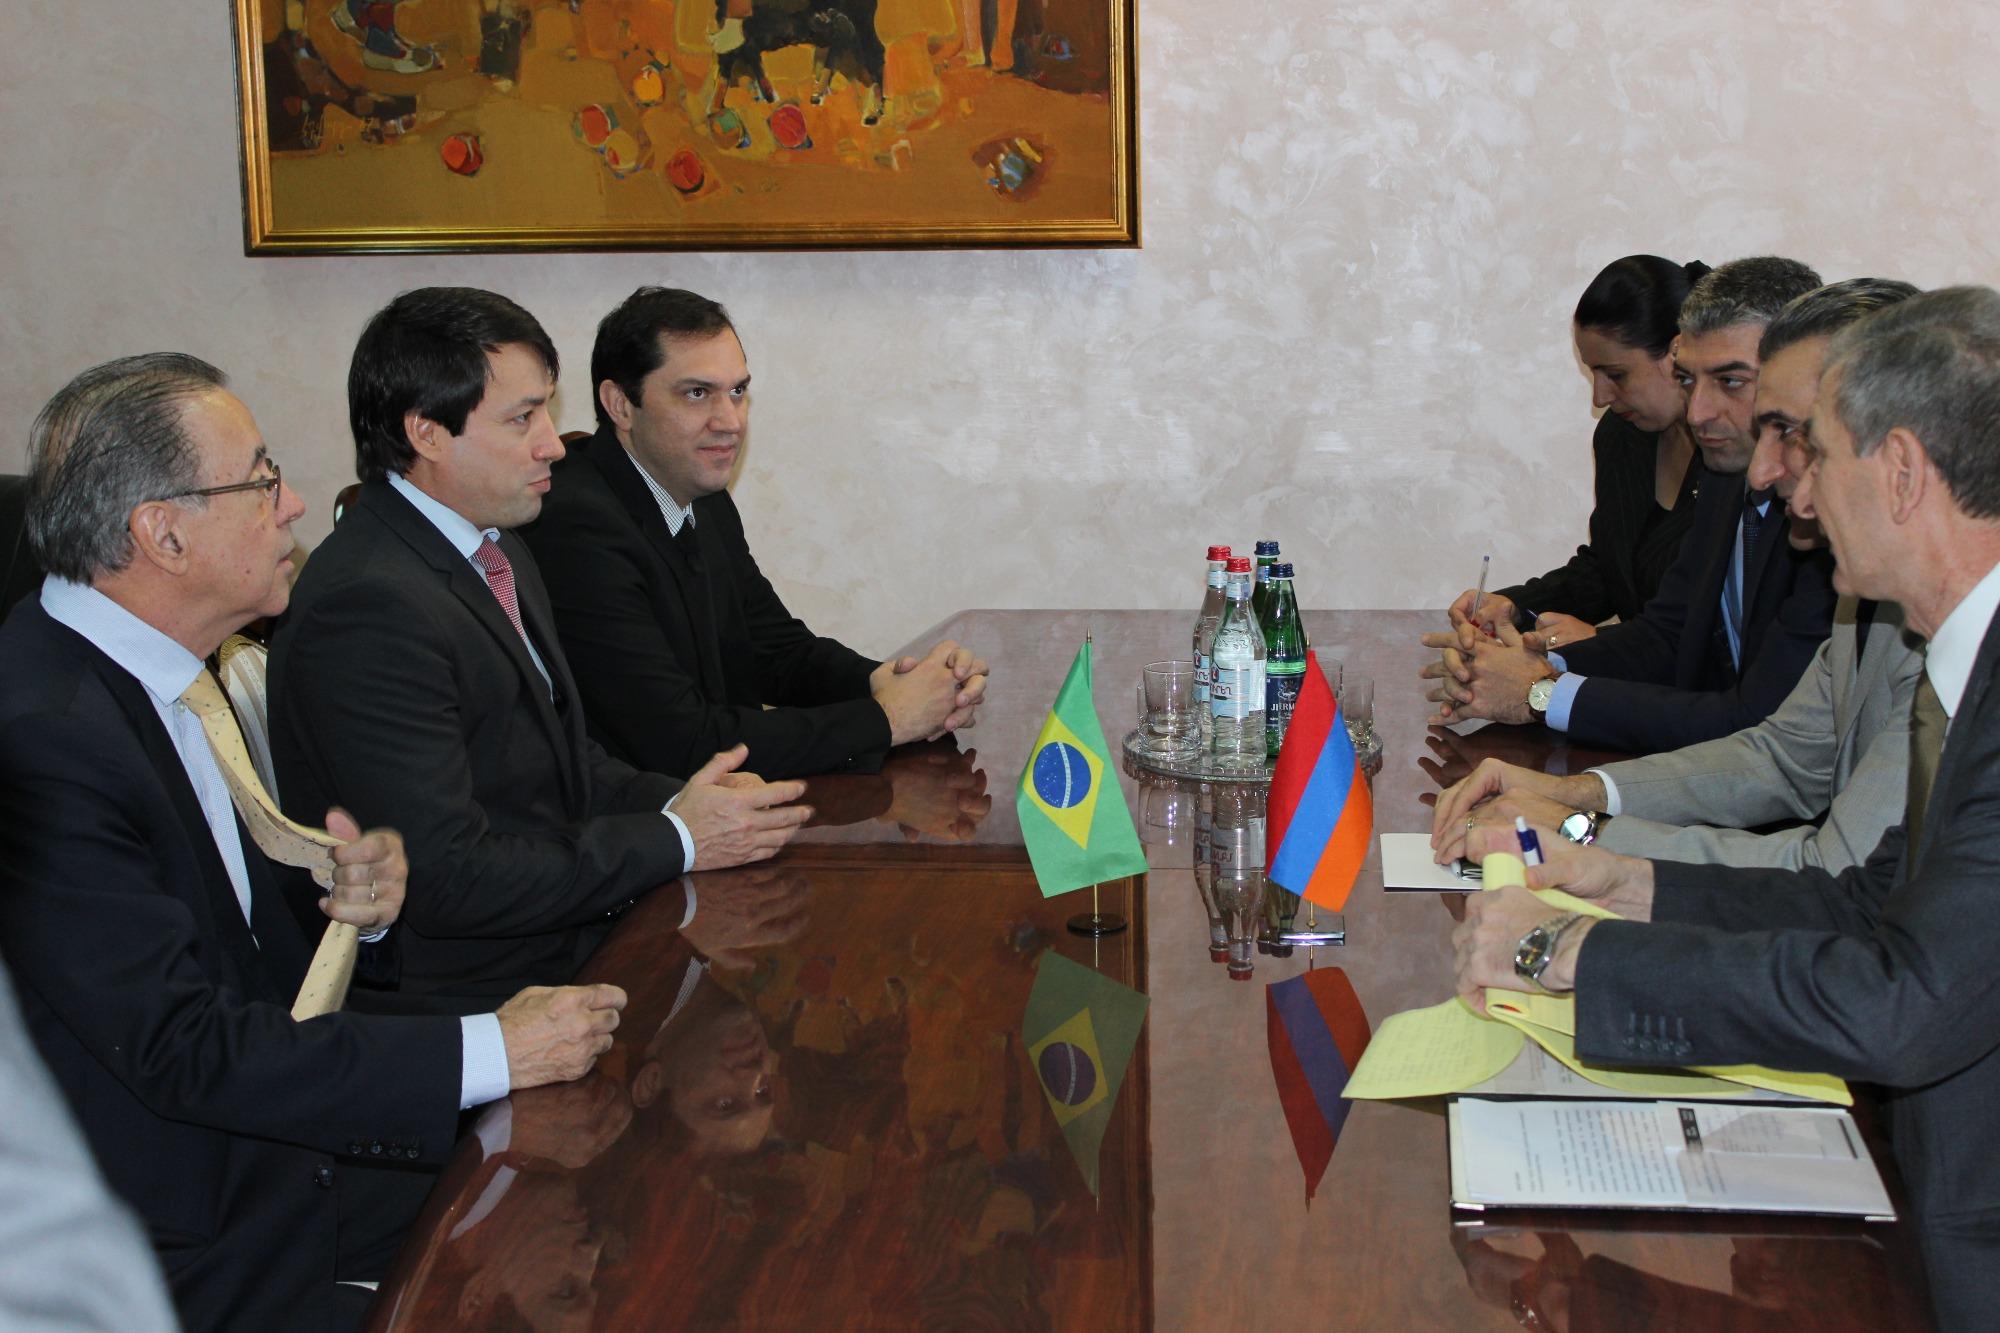 Parceria Brasil-Armênia prevê intercâmbio em pesquisa agrícola e ampliação do comércio